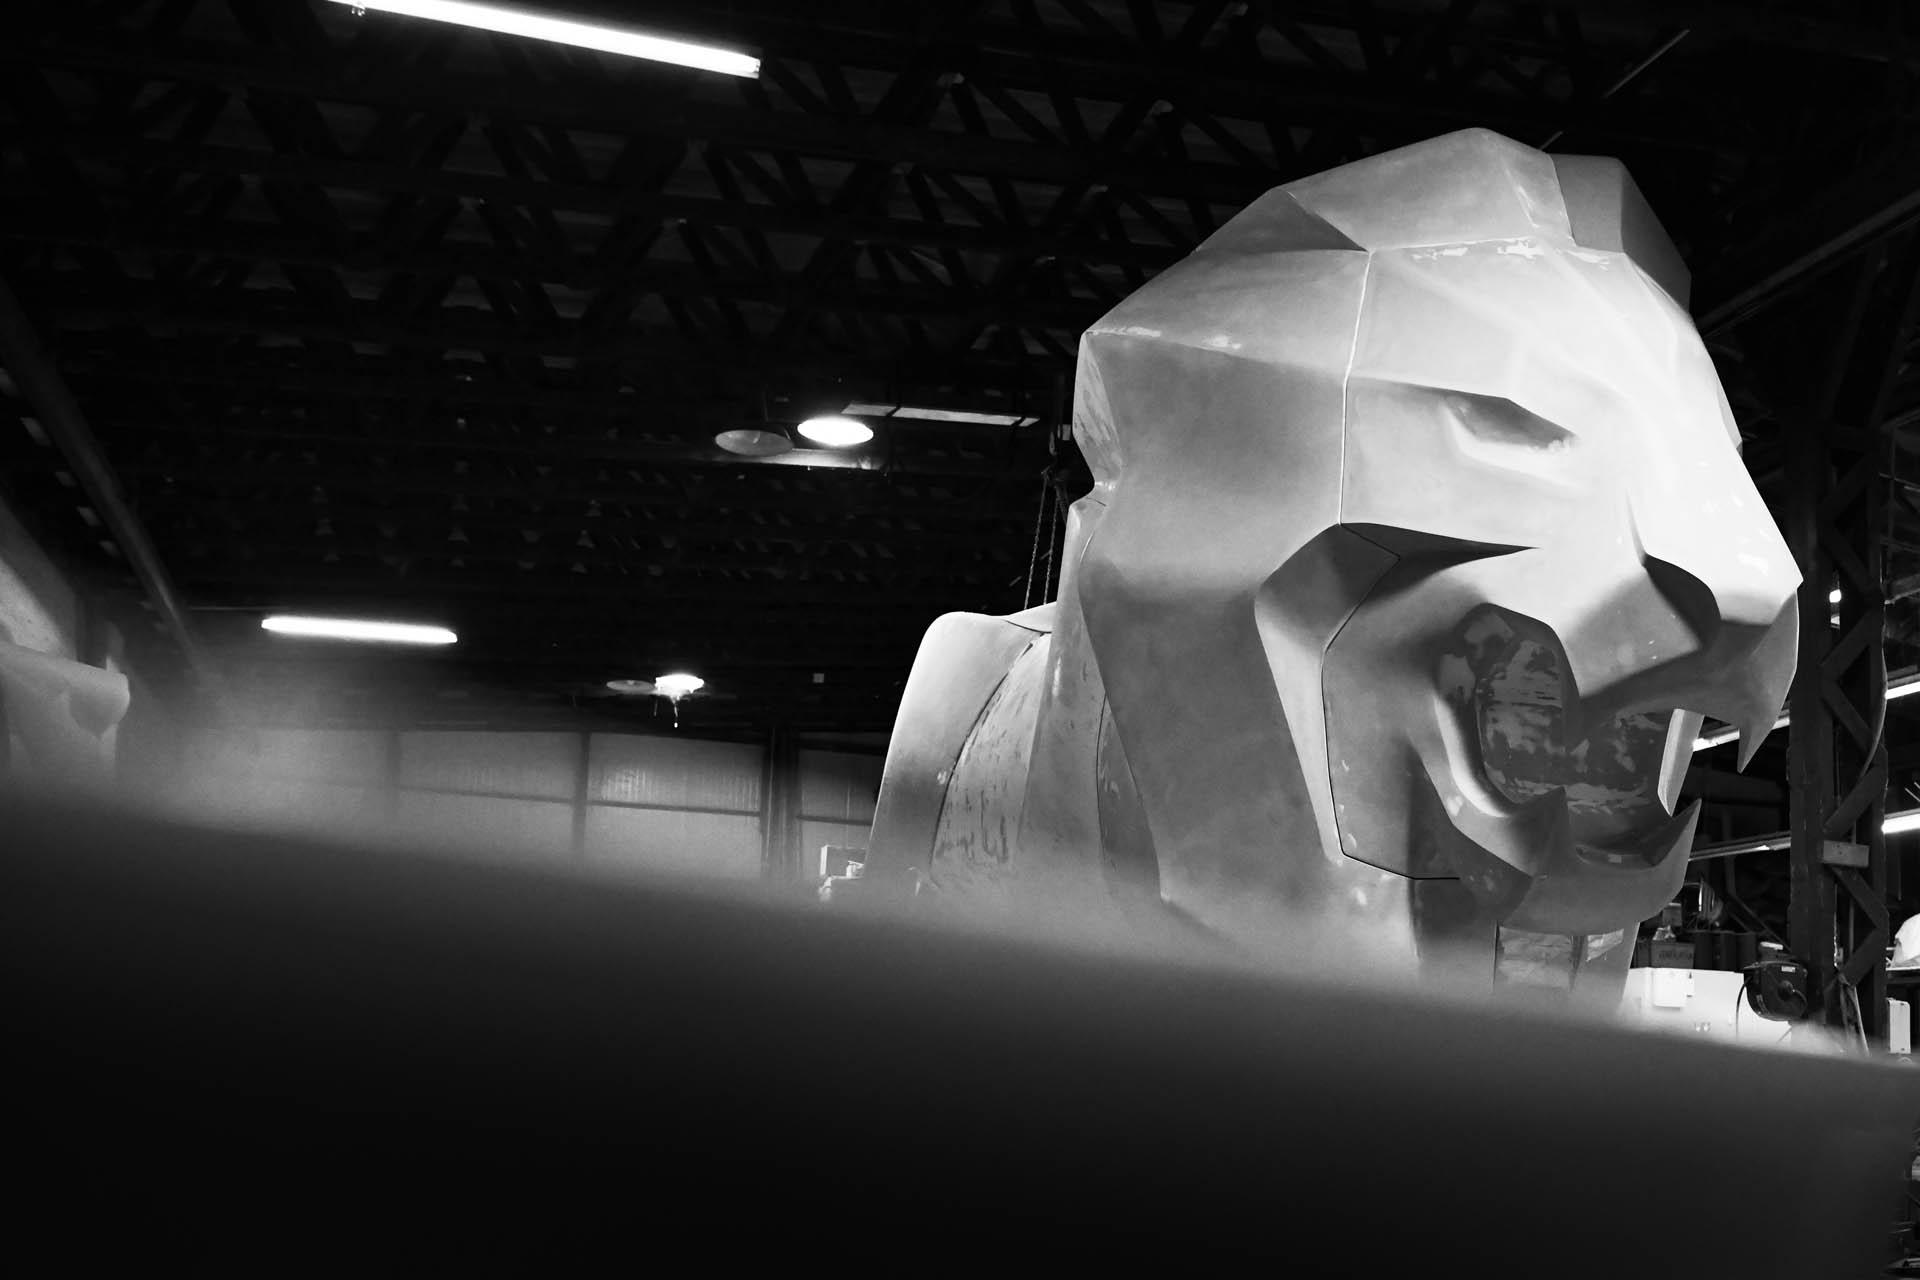 نمایش شیر 12 متری پژو در نمایشگاه ژنو